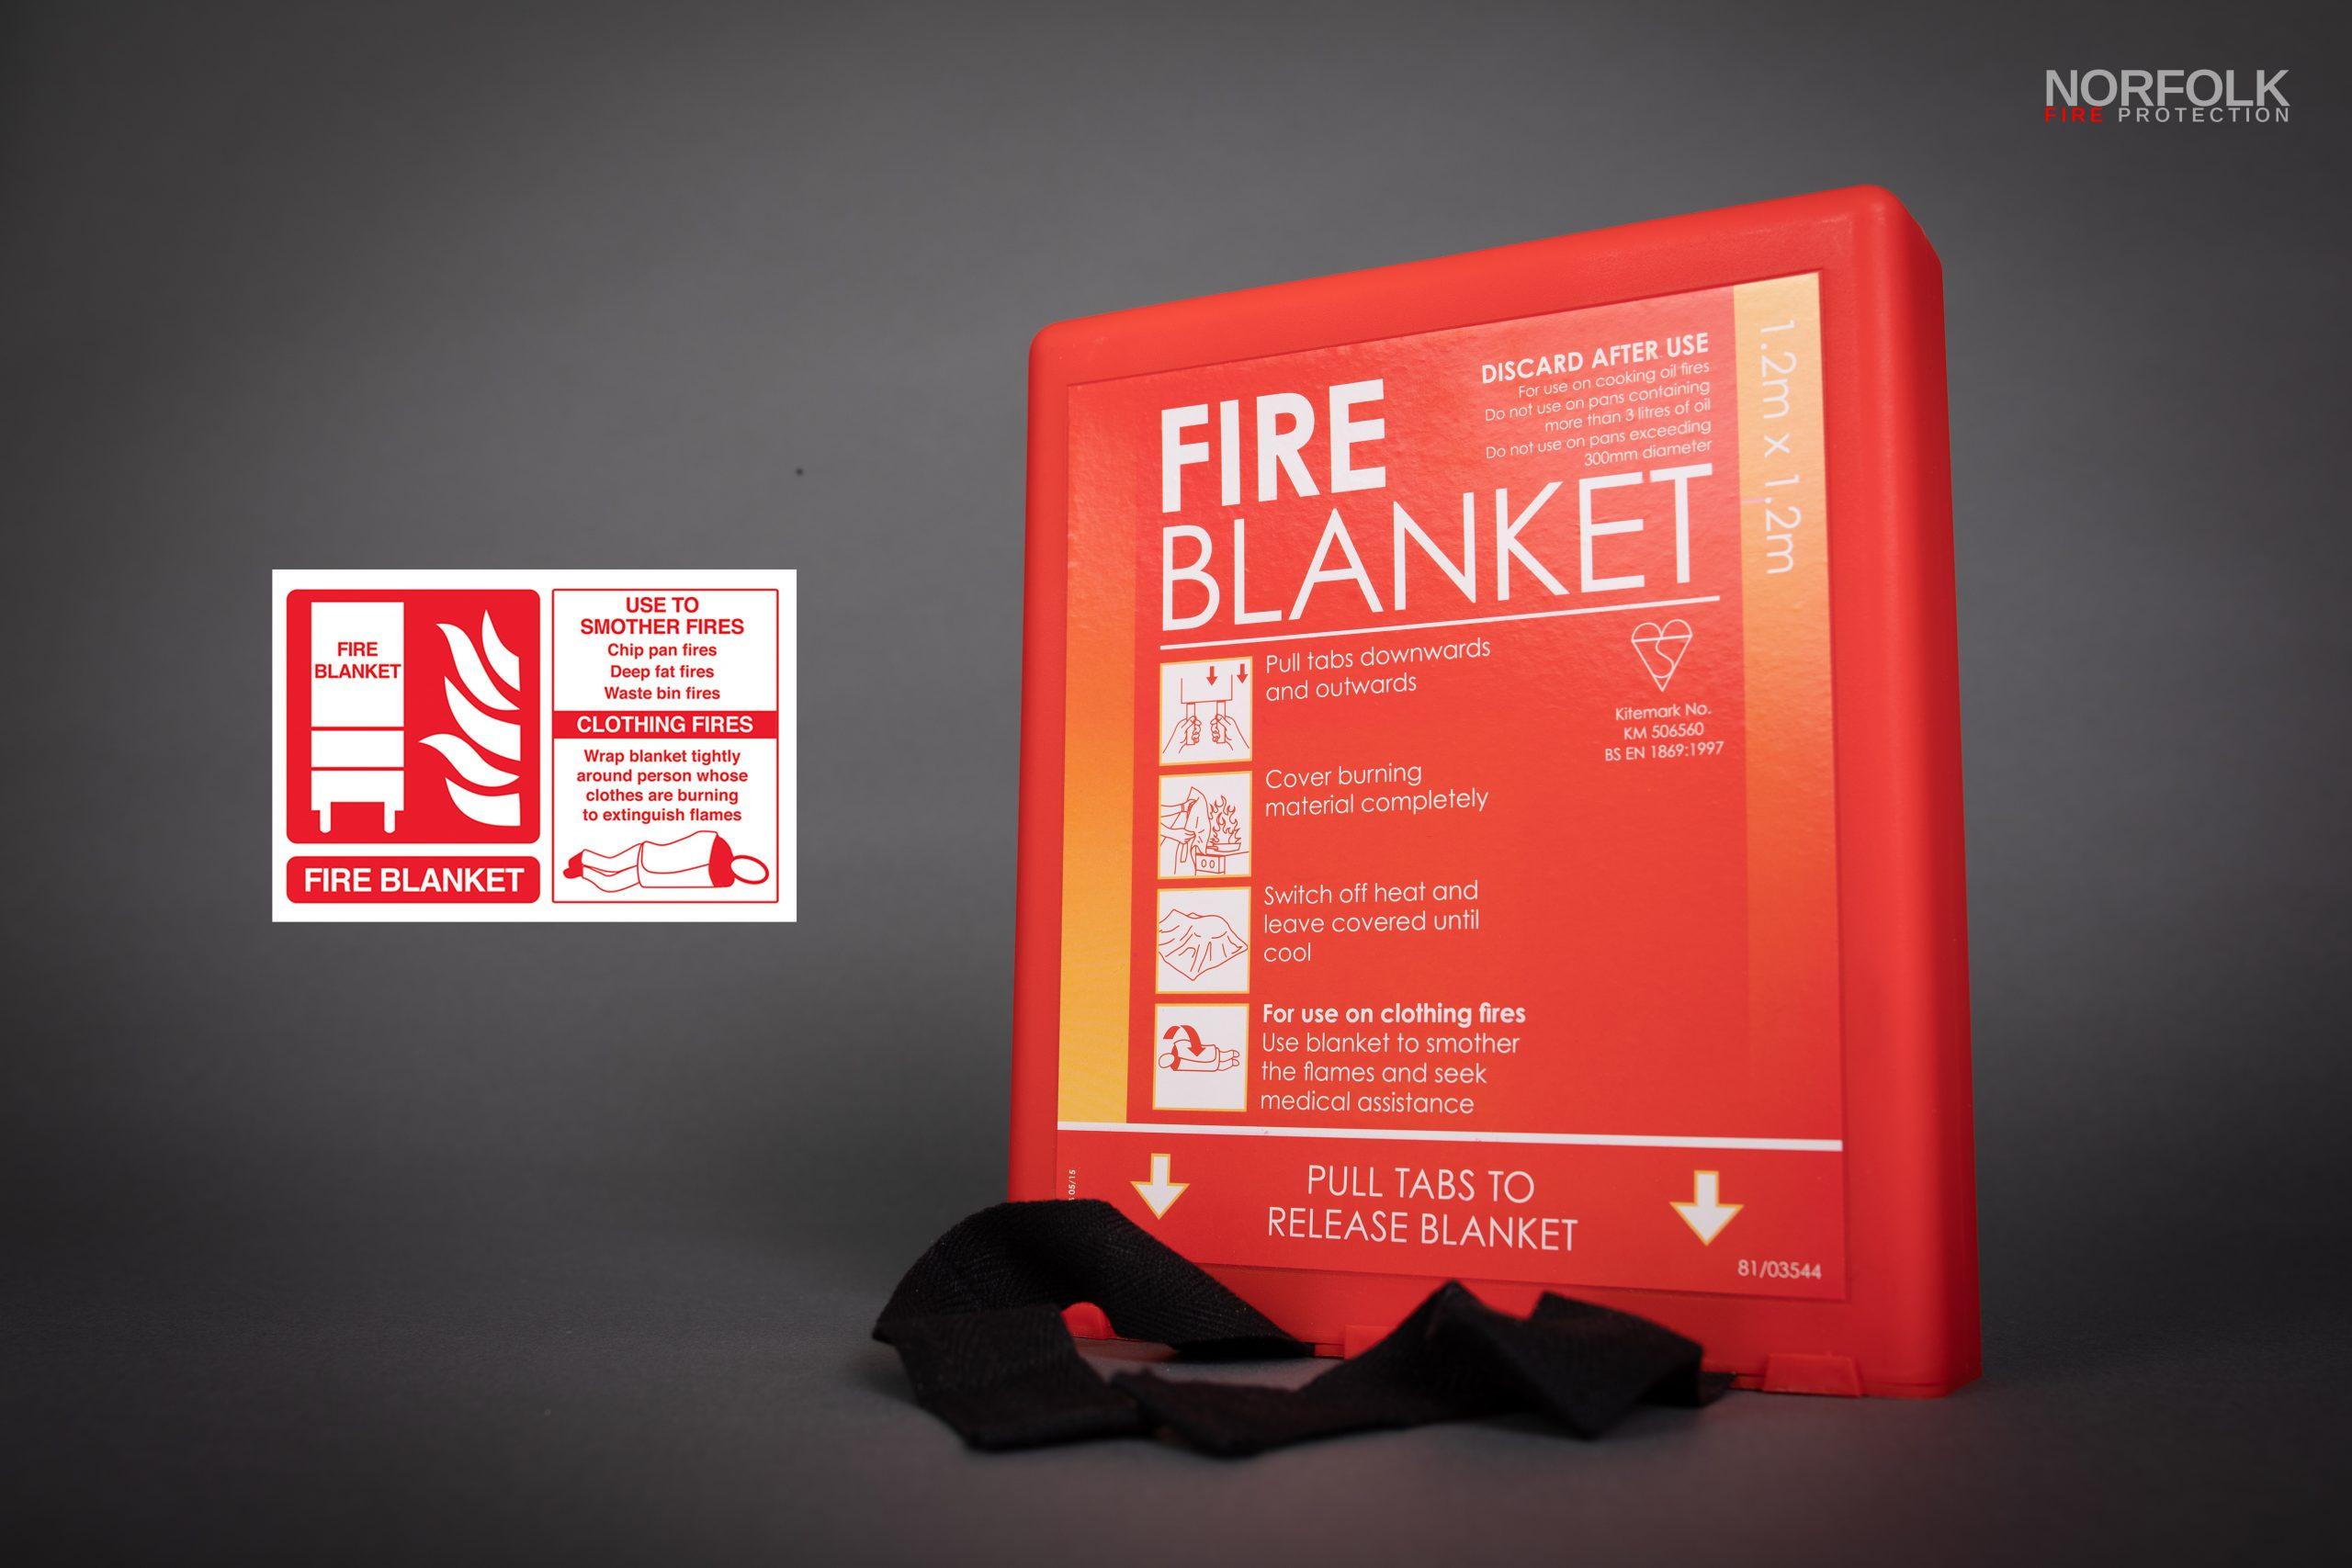 Norfolk Fire Blanket Service